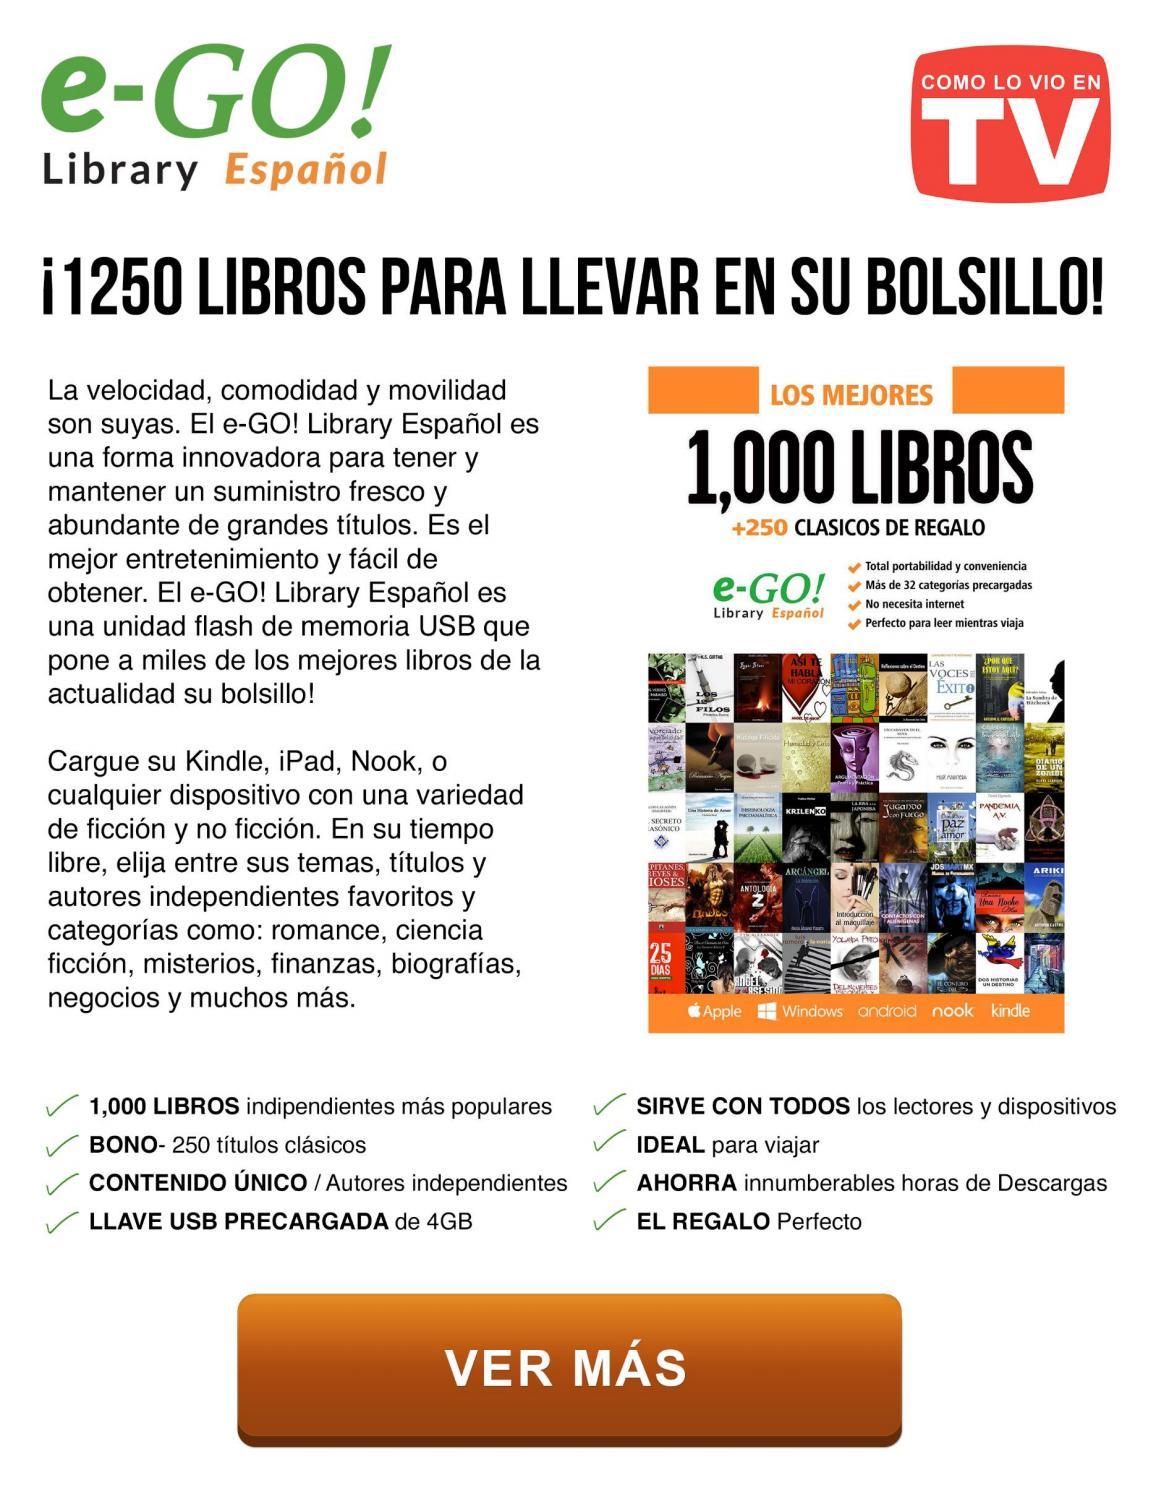 Diario de un zombie by kelly - issuu 55a63eea3319